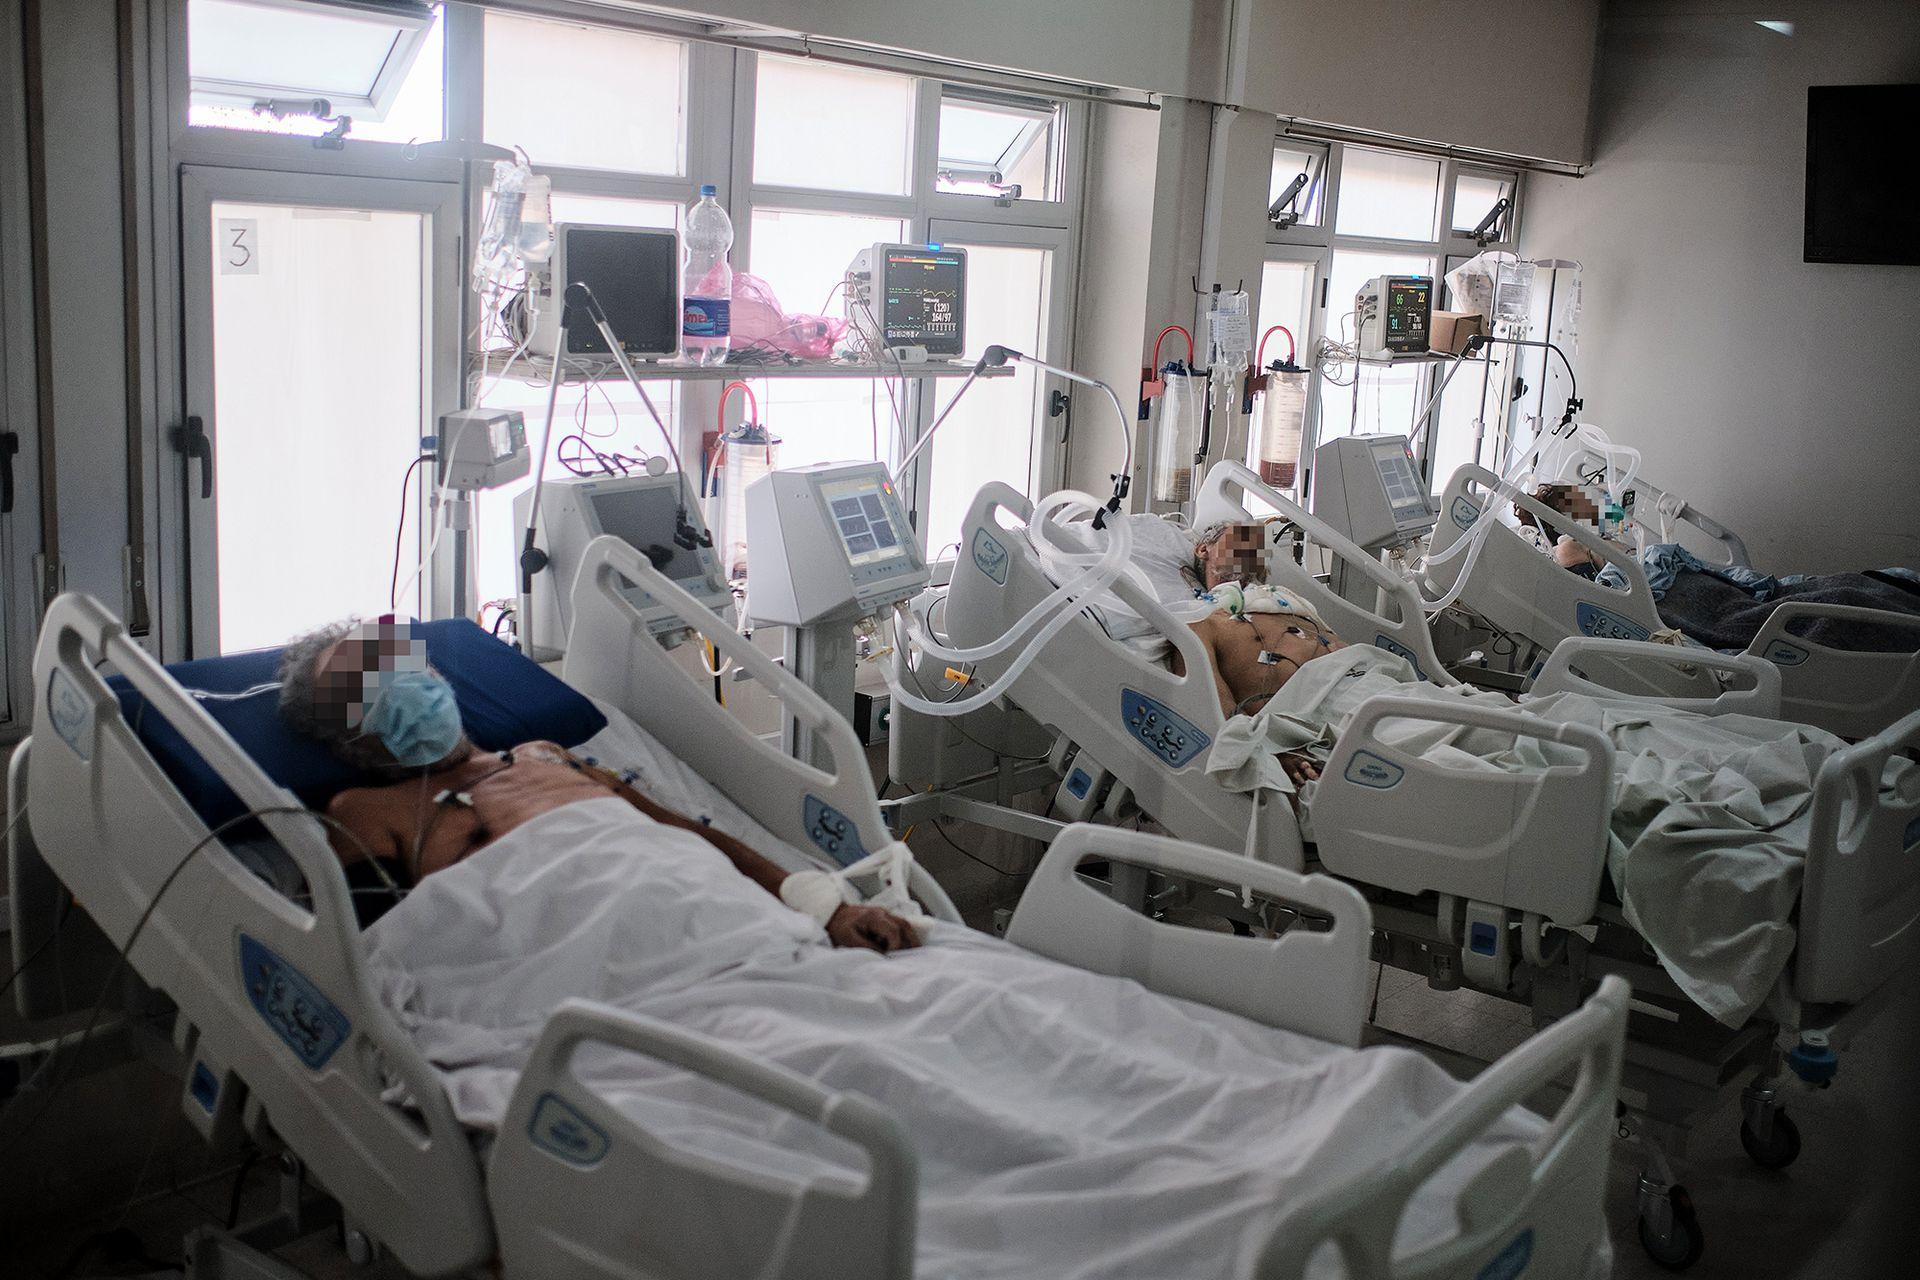 Los pacientes en la sala que era de fonoaudiología